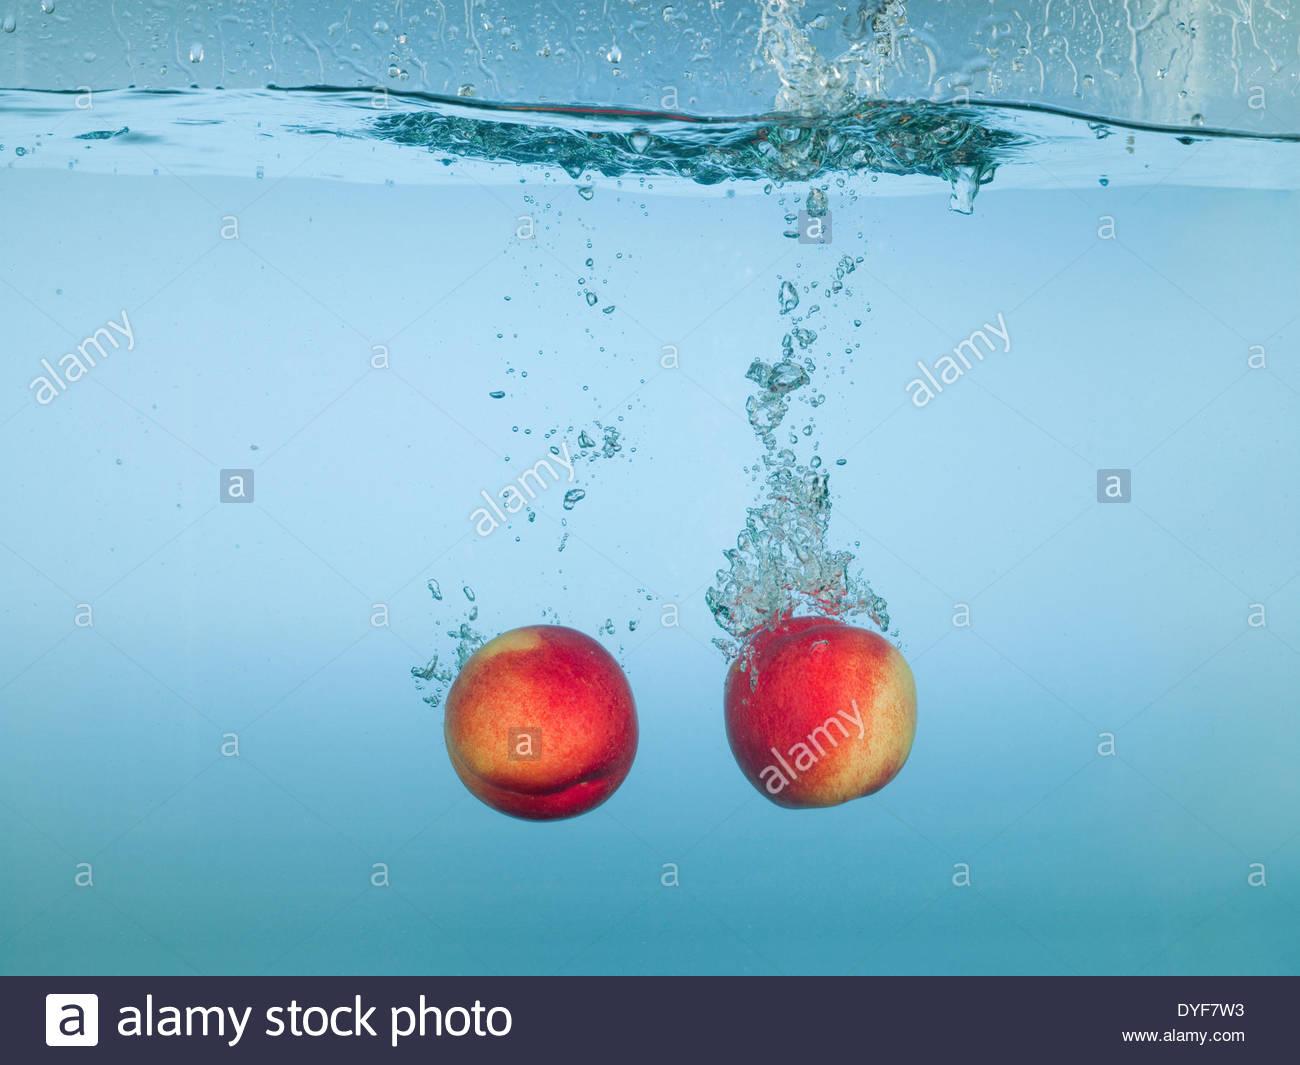 Apples splashing in water - Stock Image